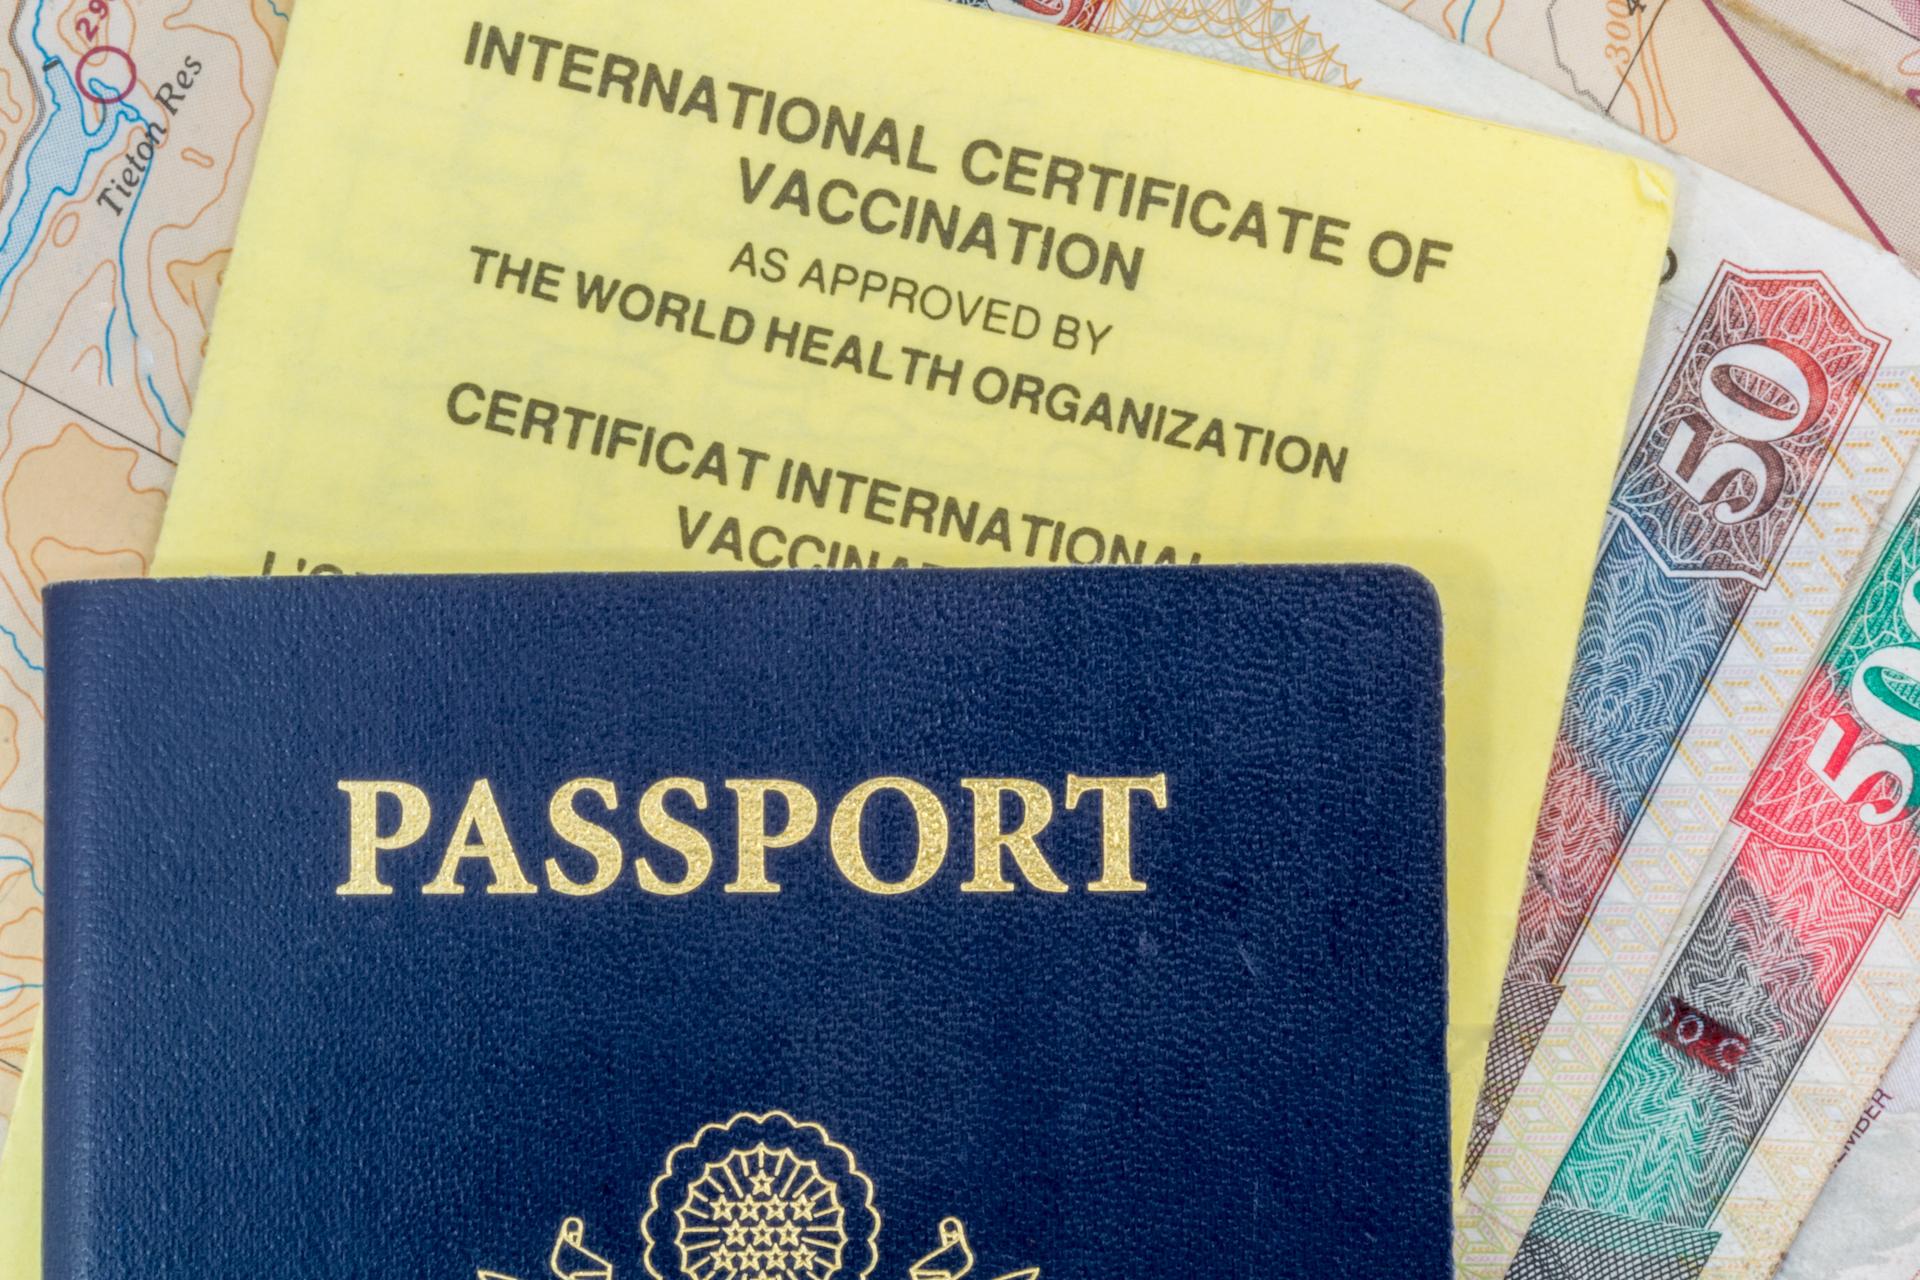 Passeport Carte De Vaccination Et Monnaie Locale Prvoir Avant Le Voyage Photo Shutterstock Par David Fossler